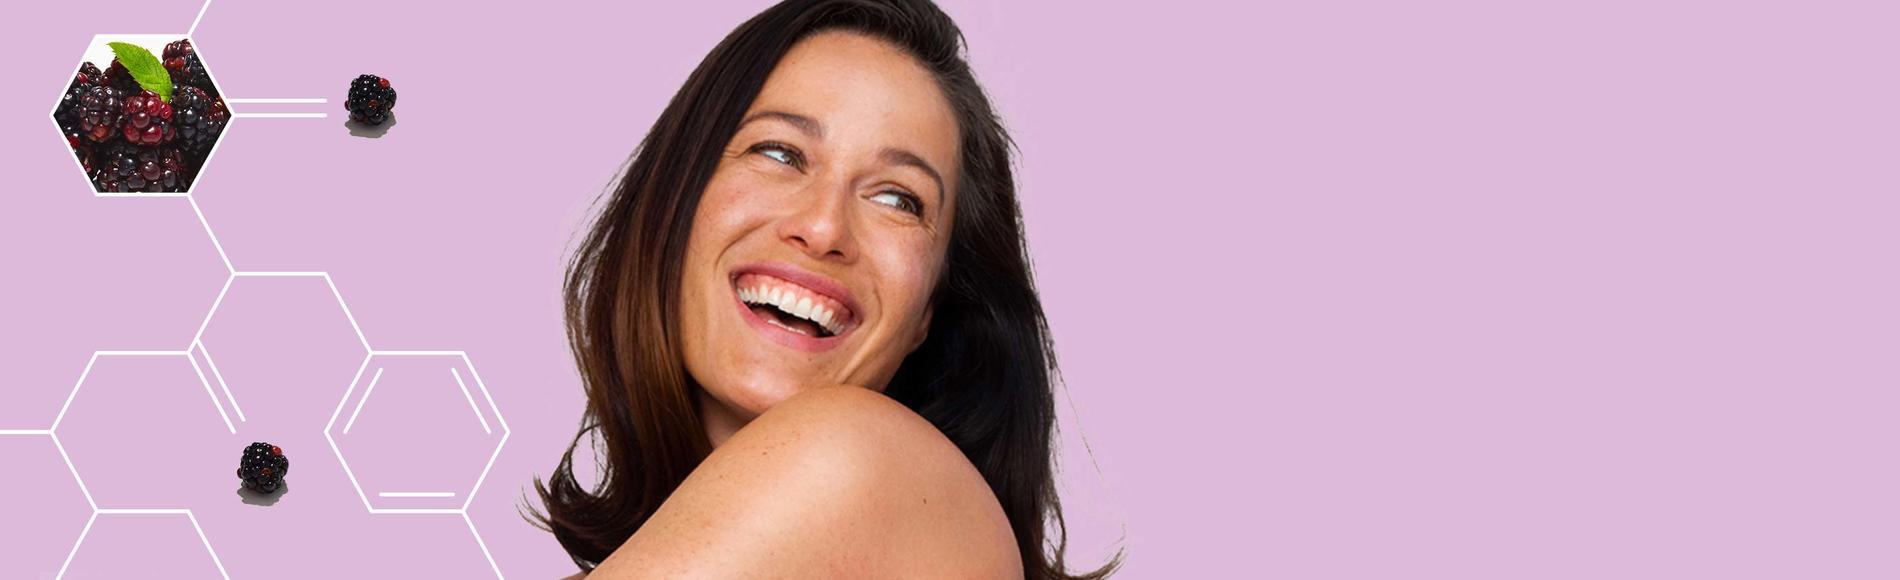 mujer sonriente usando los productos Absolutely Ageless de Aveeno